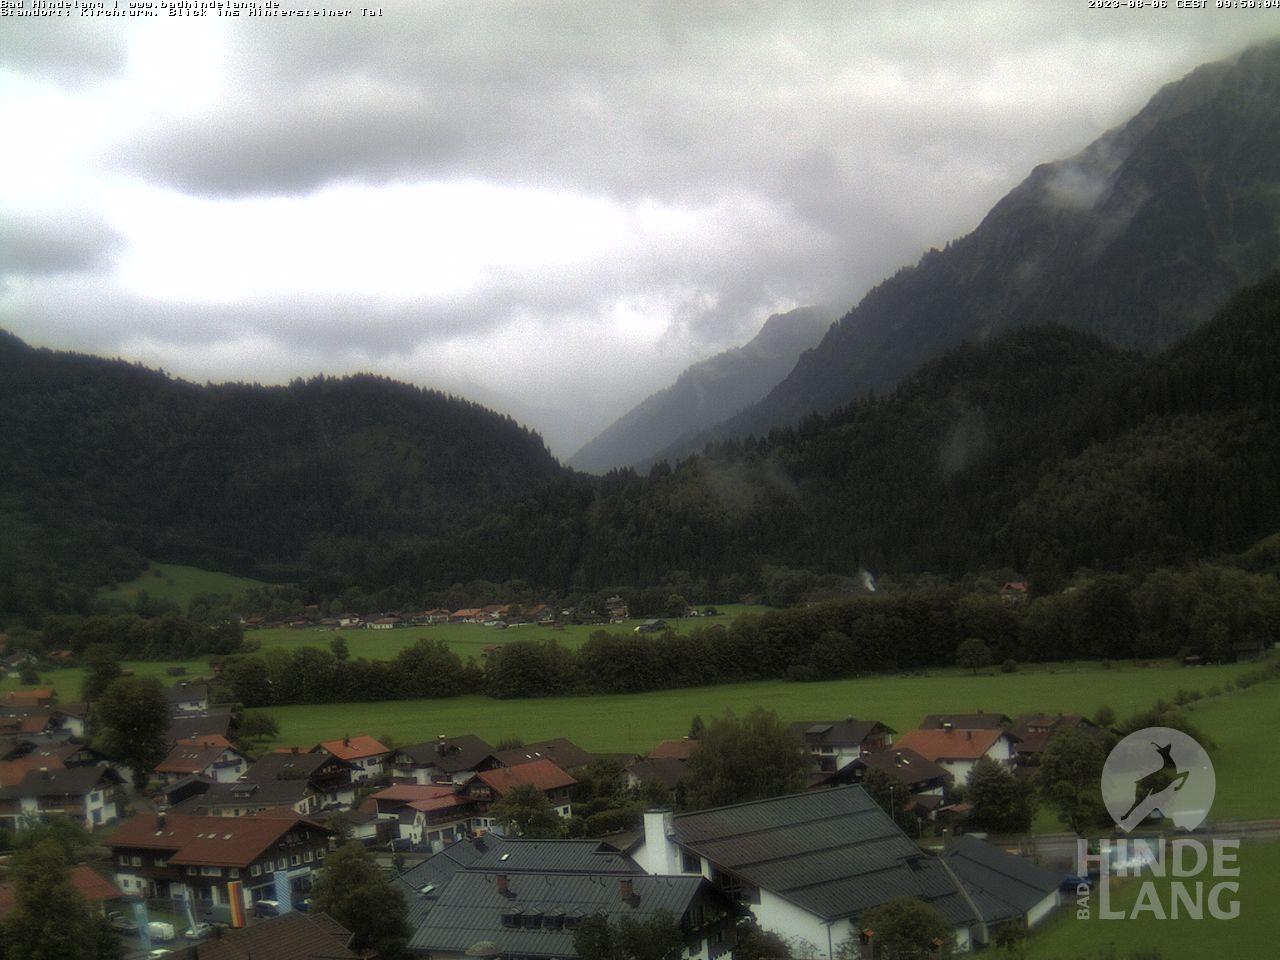 Webcam Bad Hindelang - Blick vom Kirchturm im Allgäu